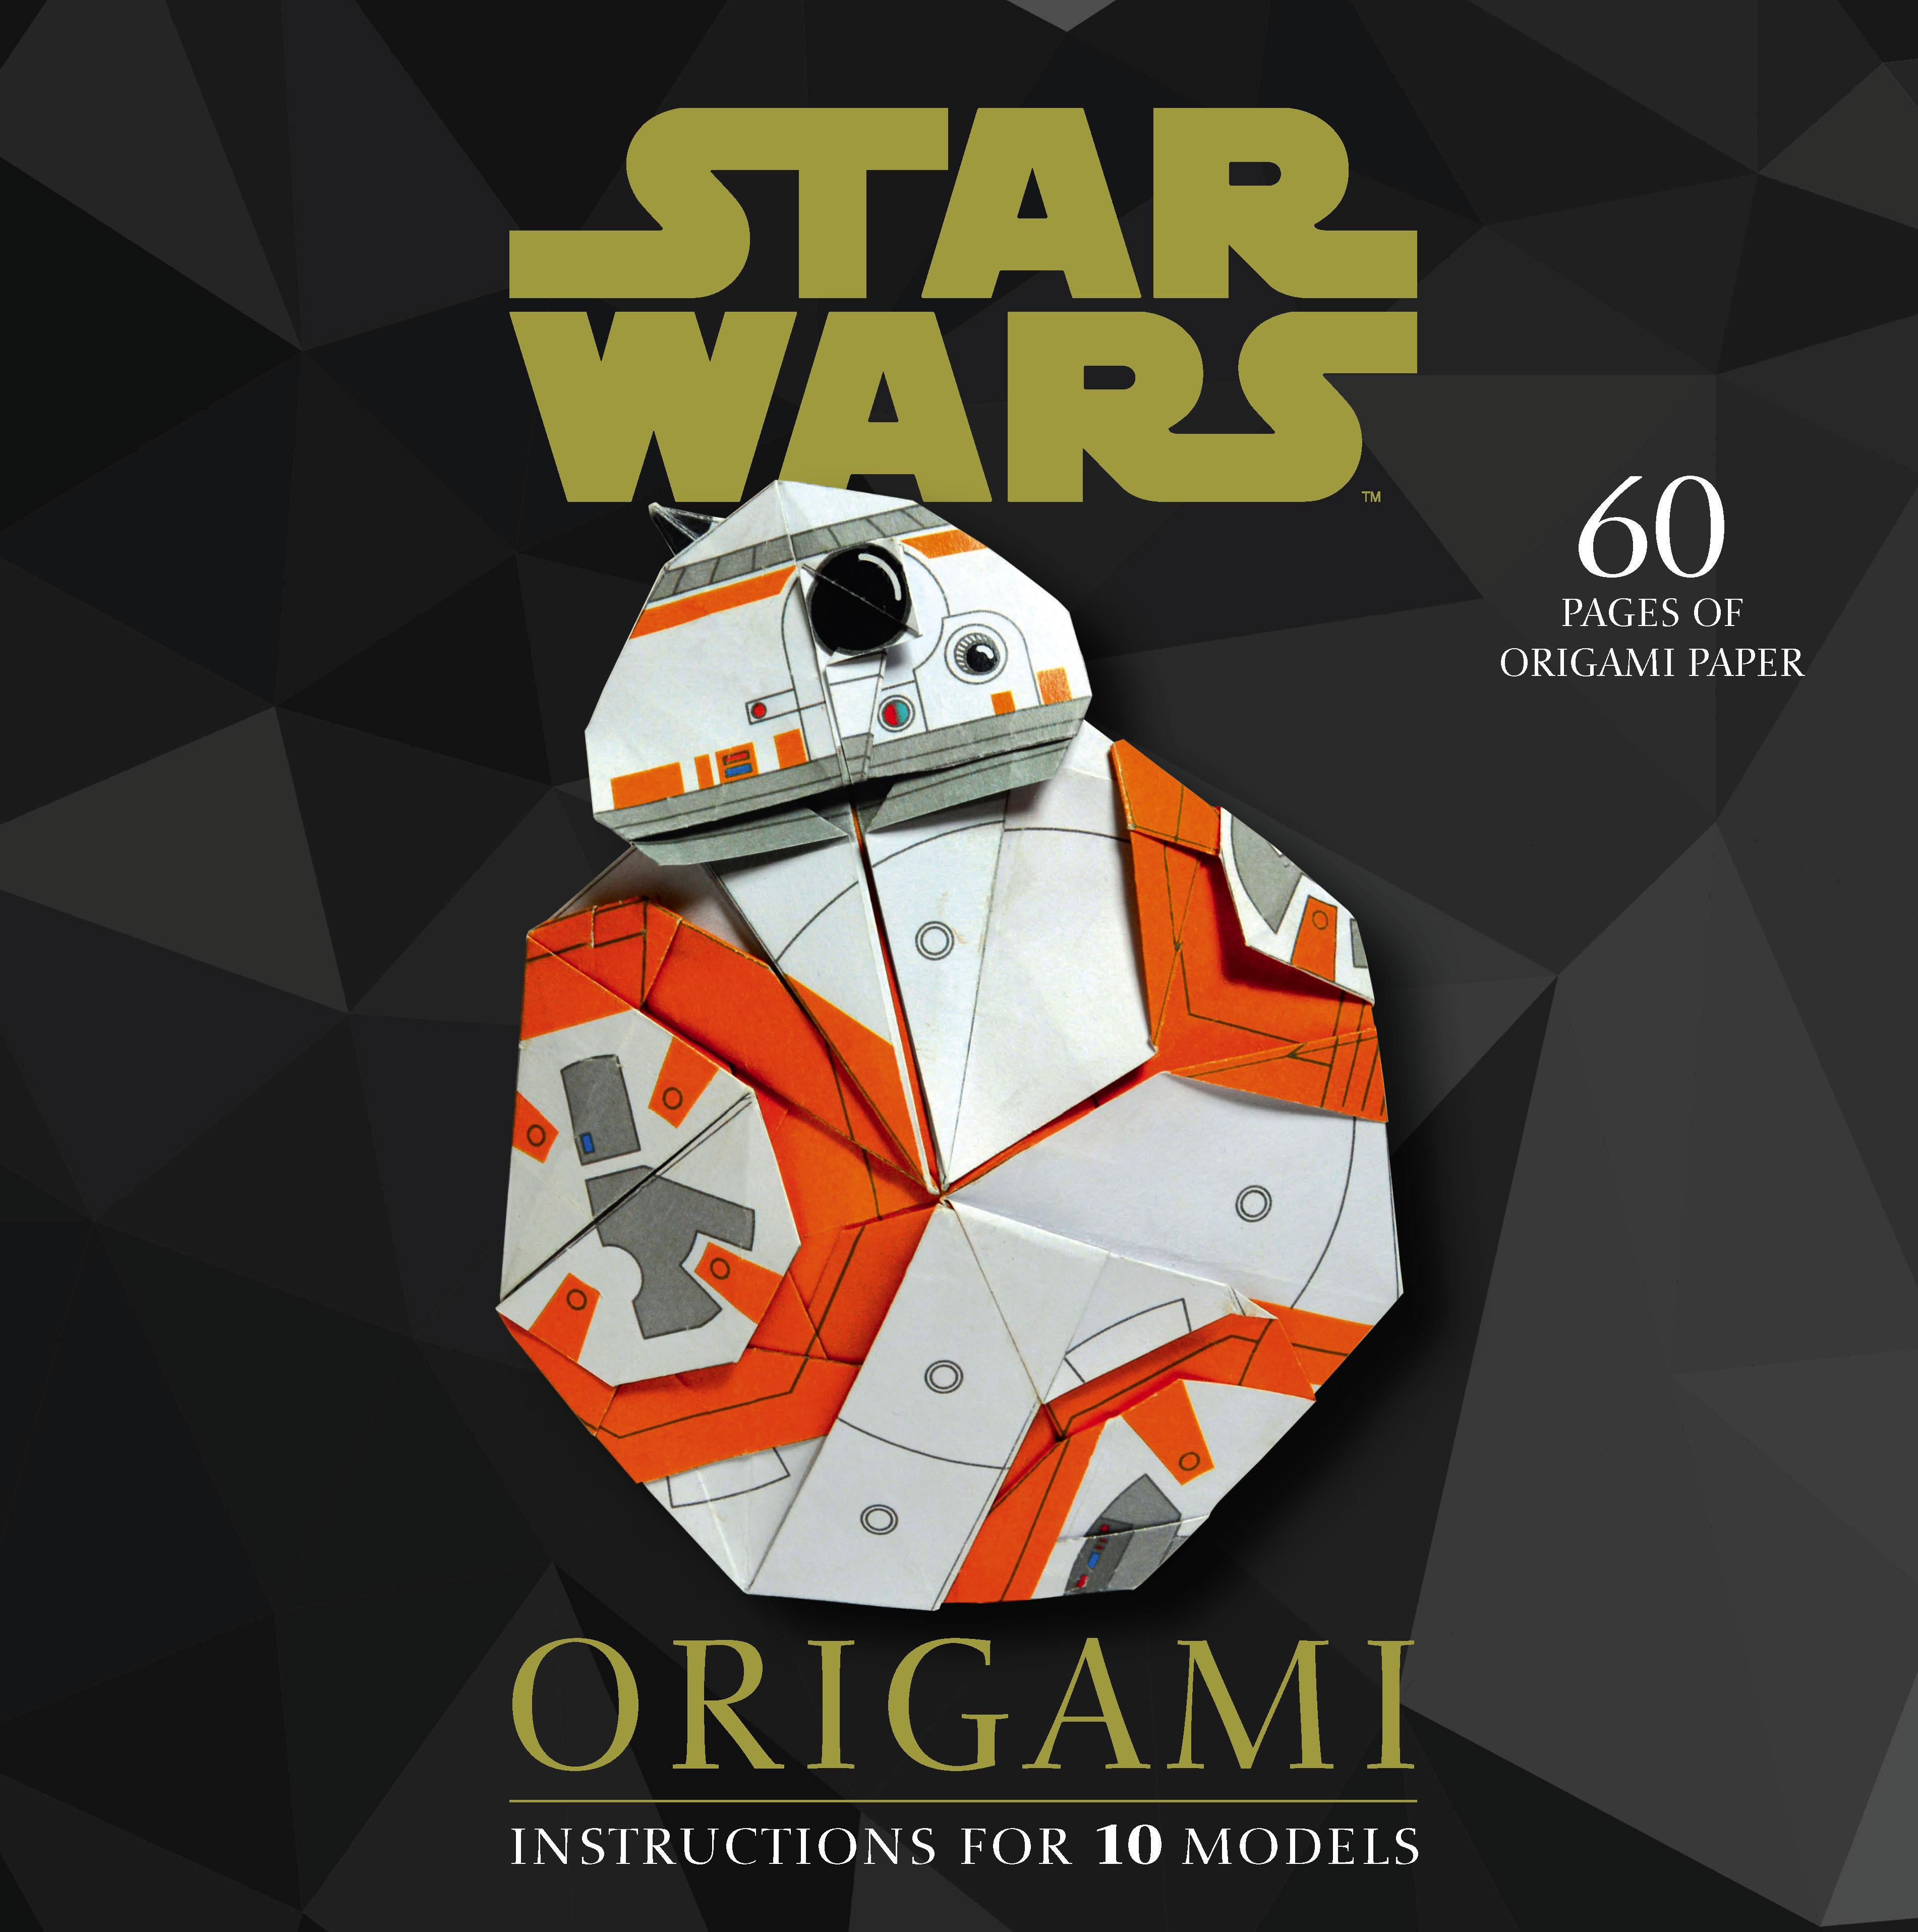 Star Wars Origami – Datenbank – Jedi-Bibliothek - photo#37